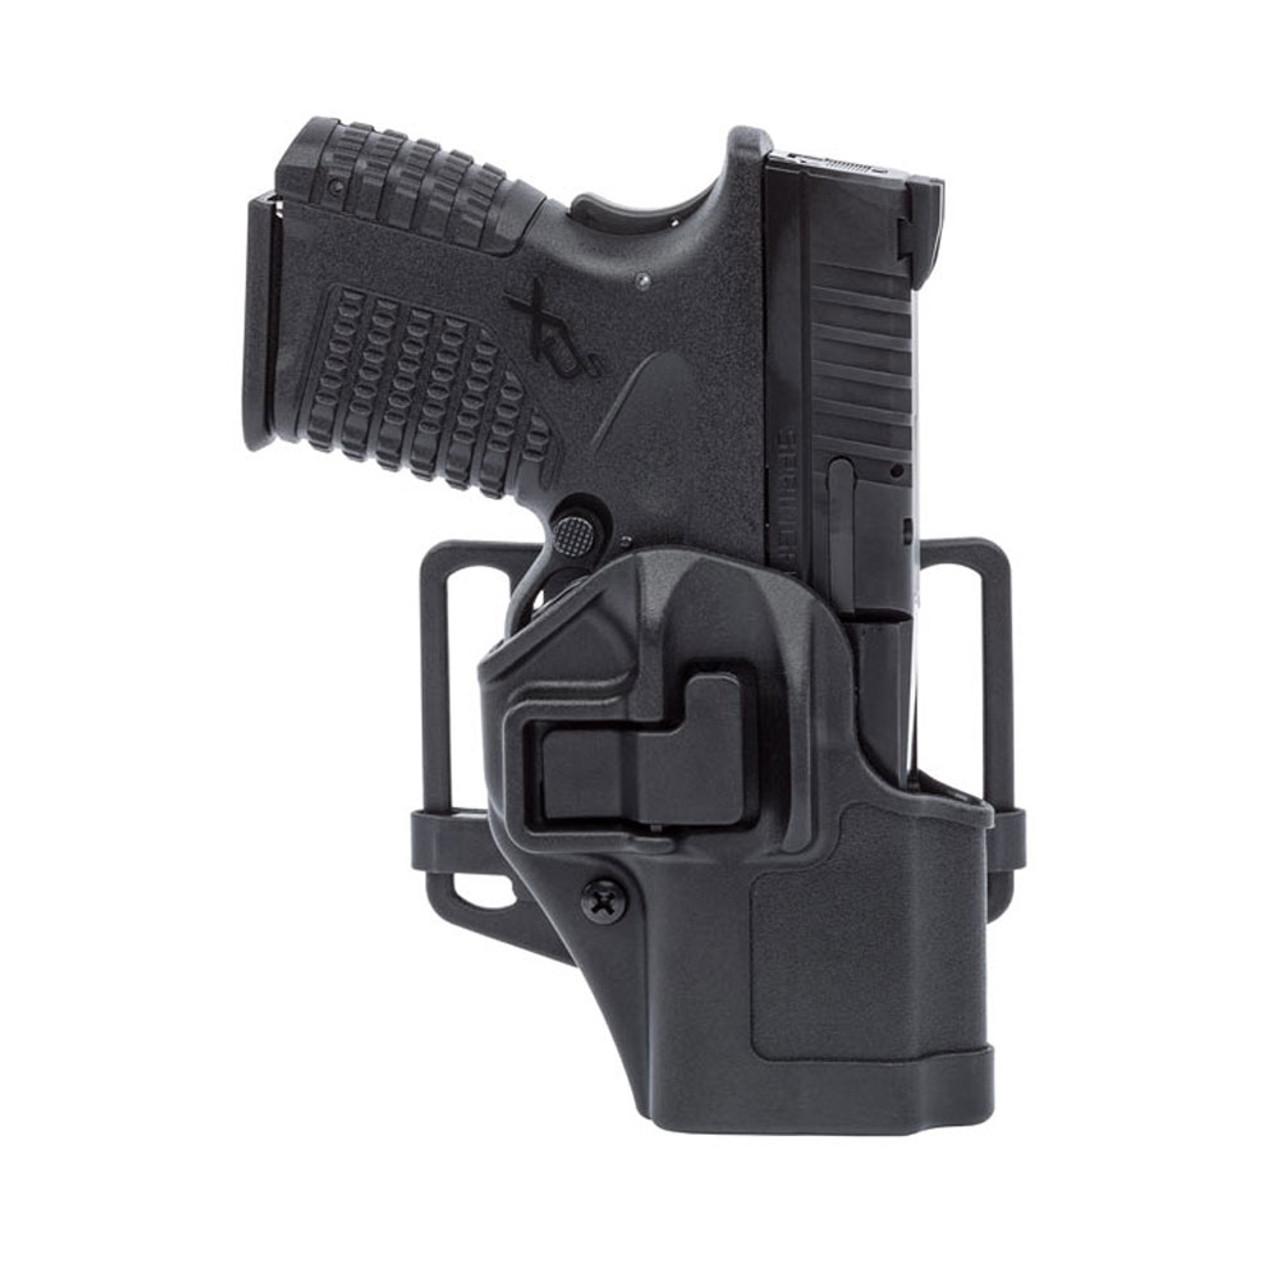 Blackhawk SERPA CQC Holster for Glock 17 22 Left Hand 410500bk-l Black for sale online